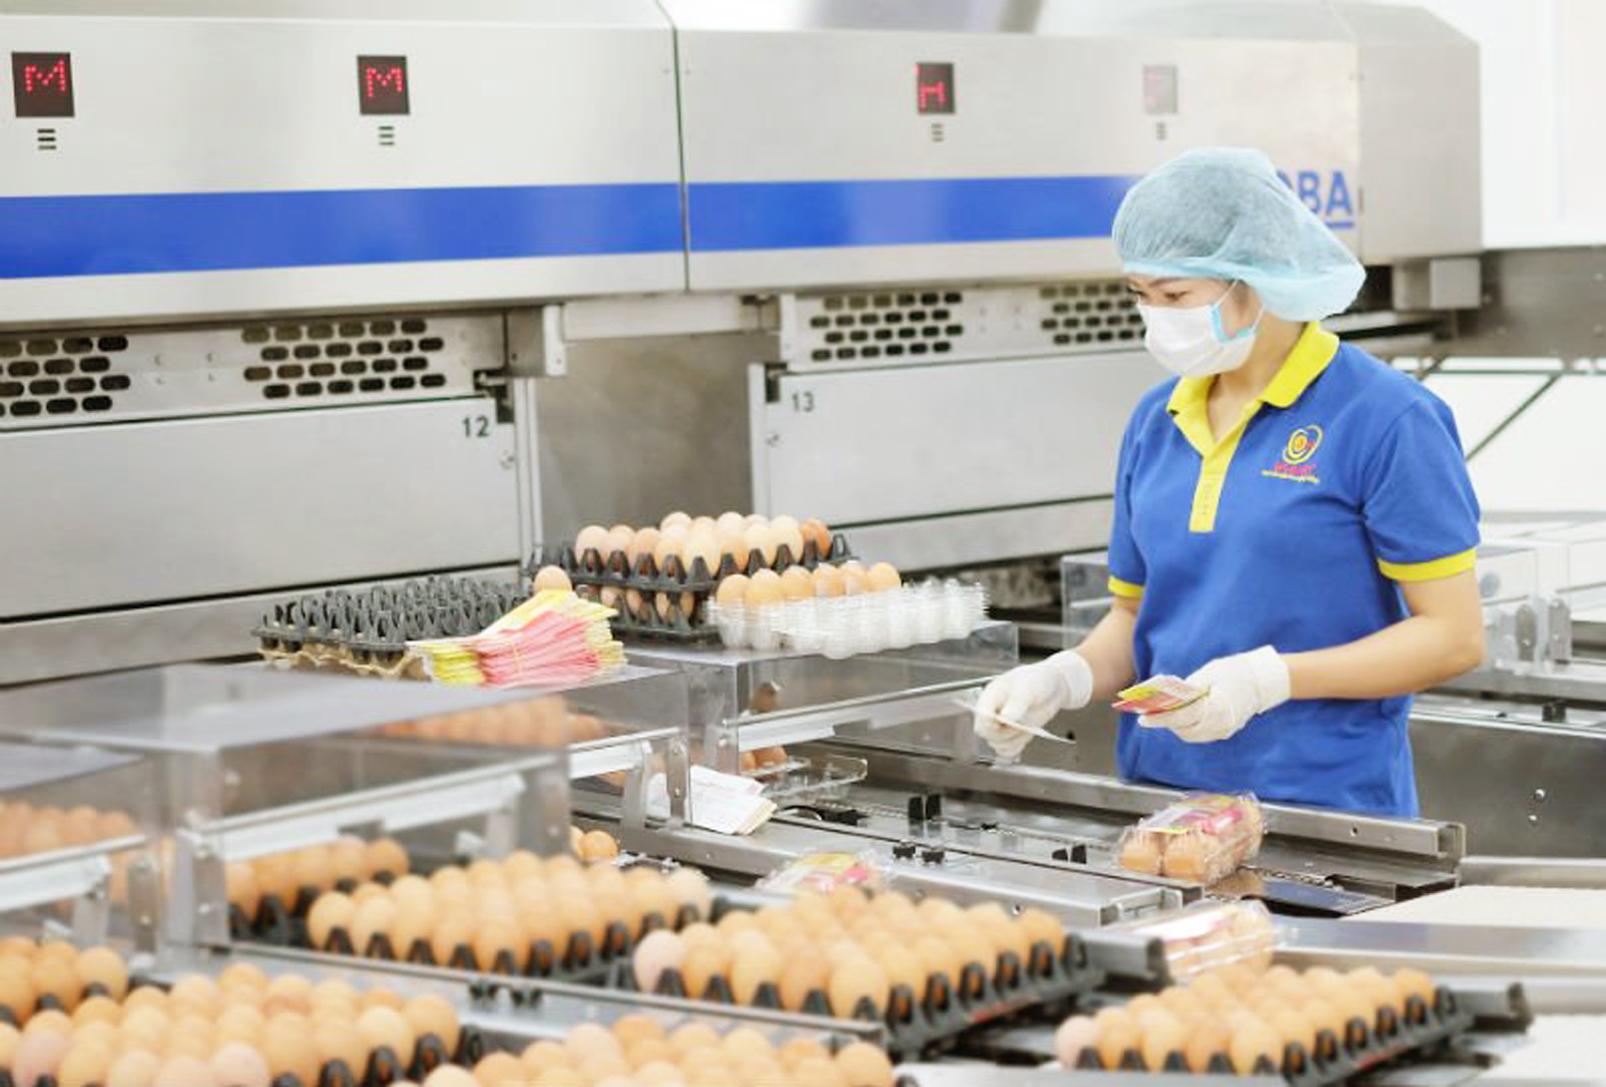 Các doanh nghiệp chế biến thực phẩm Việt Nam đang nỗ lực giữ vững sản xuất, cung ứng lương thực, thực phẩm cho người dân - ẢNH: THANH HOA